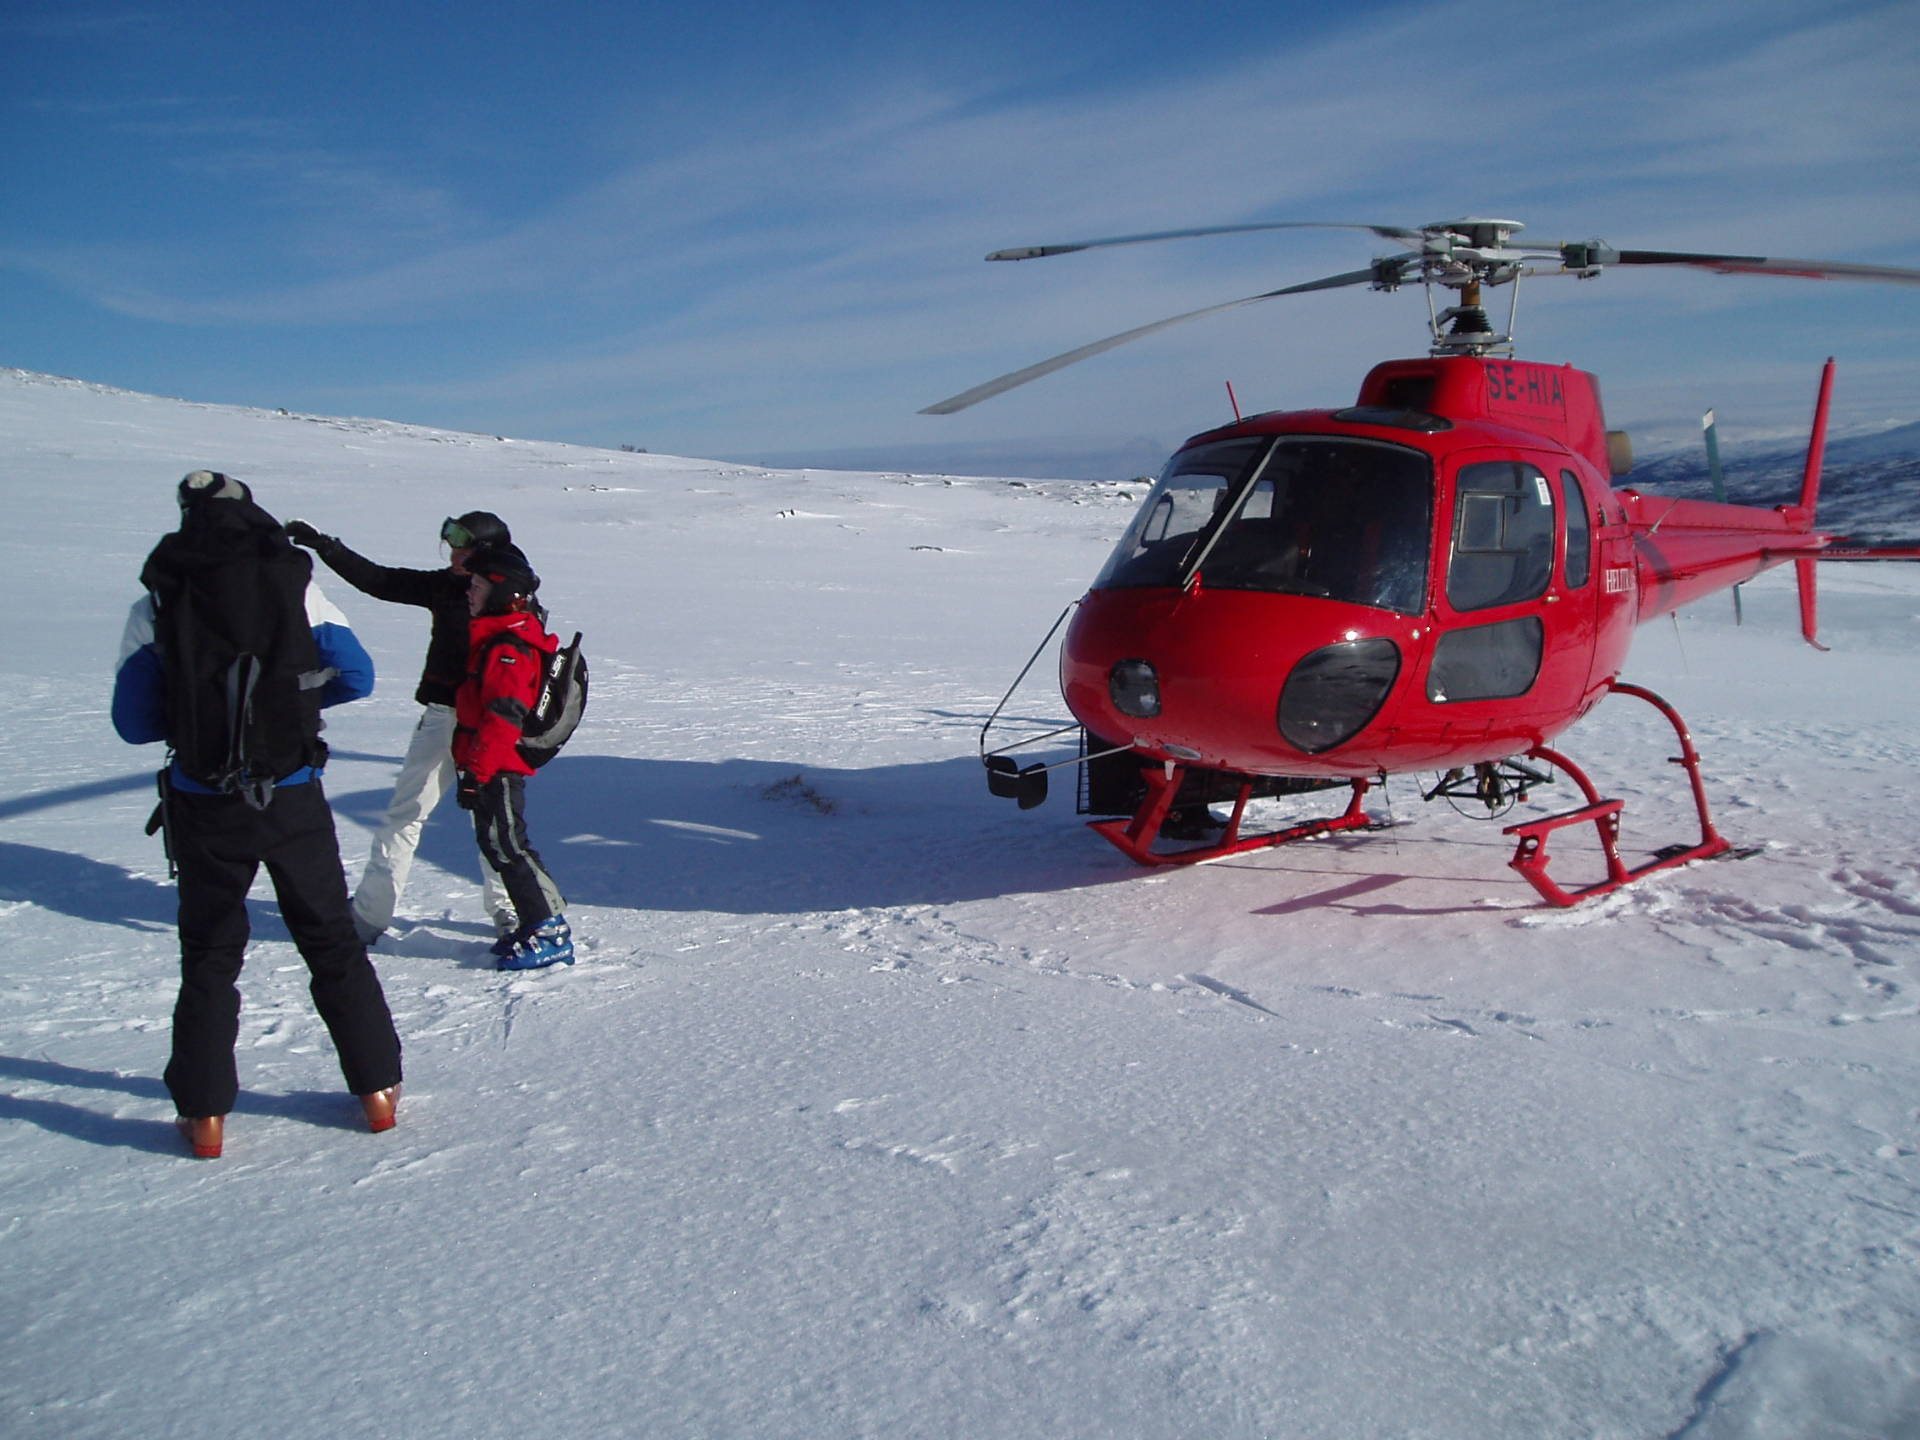 Helikopterskidåkning/ heliski i Snasahögarna, Åre